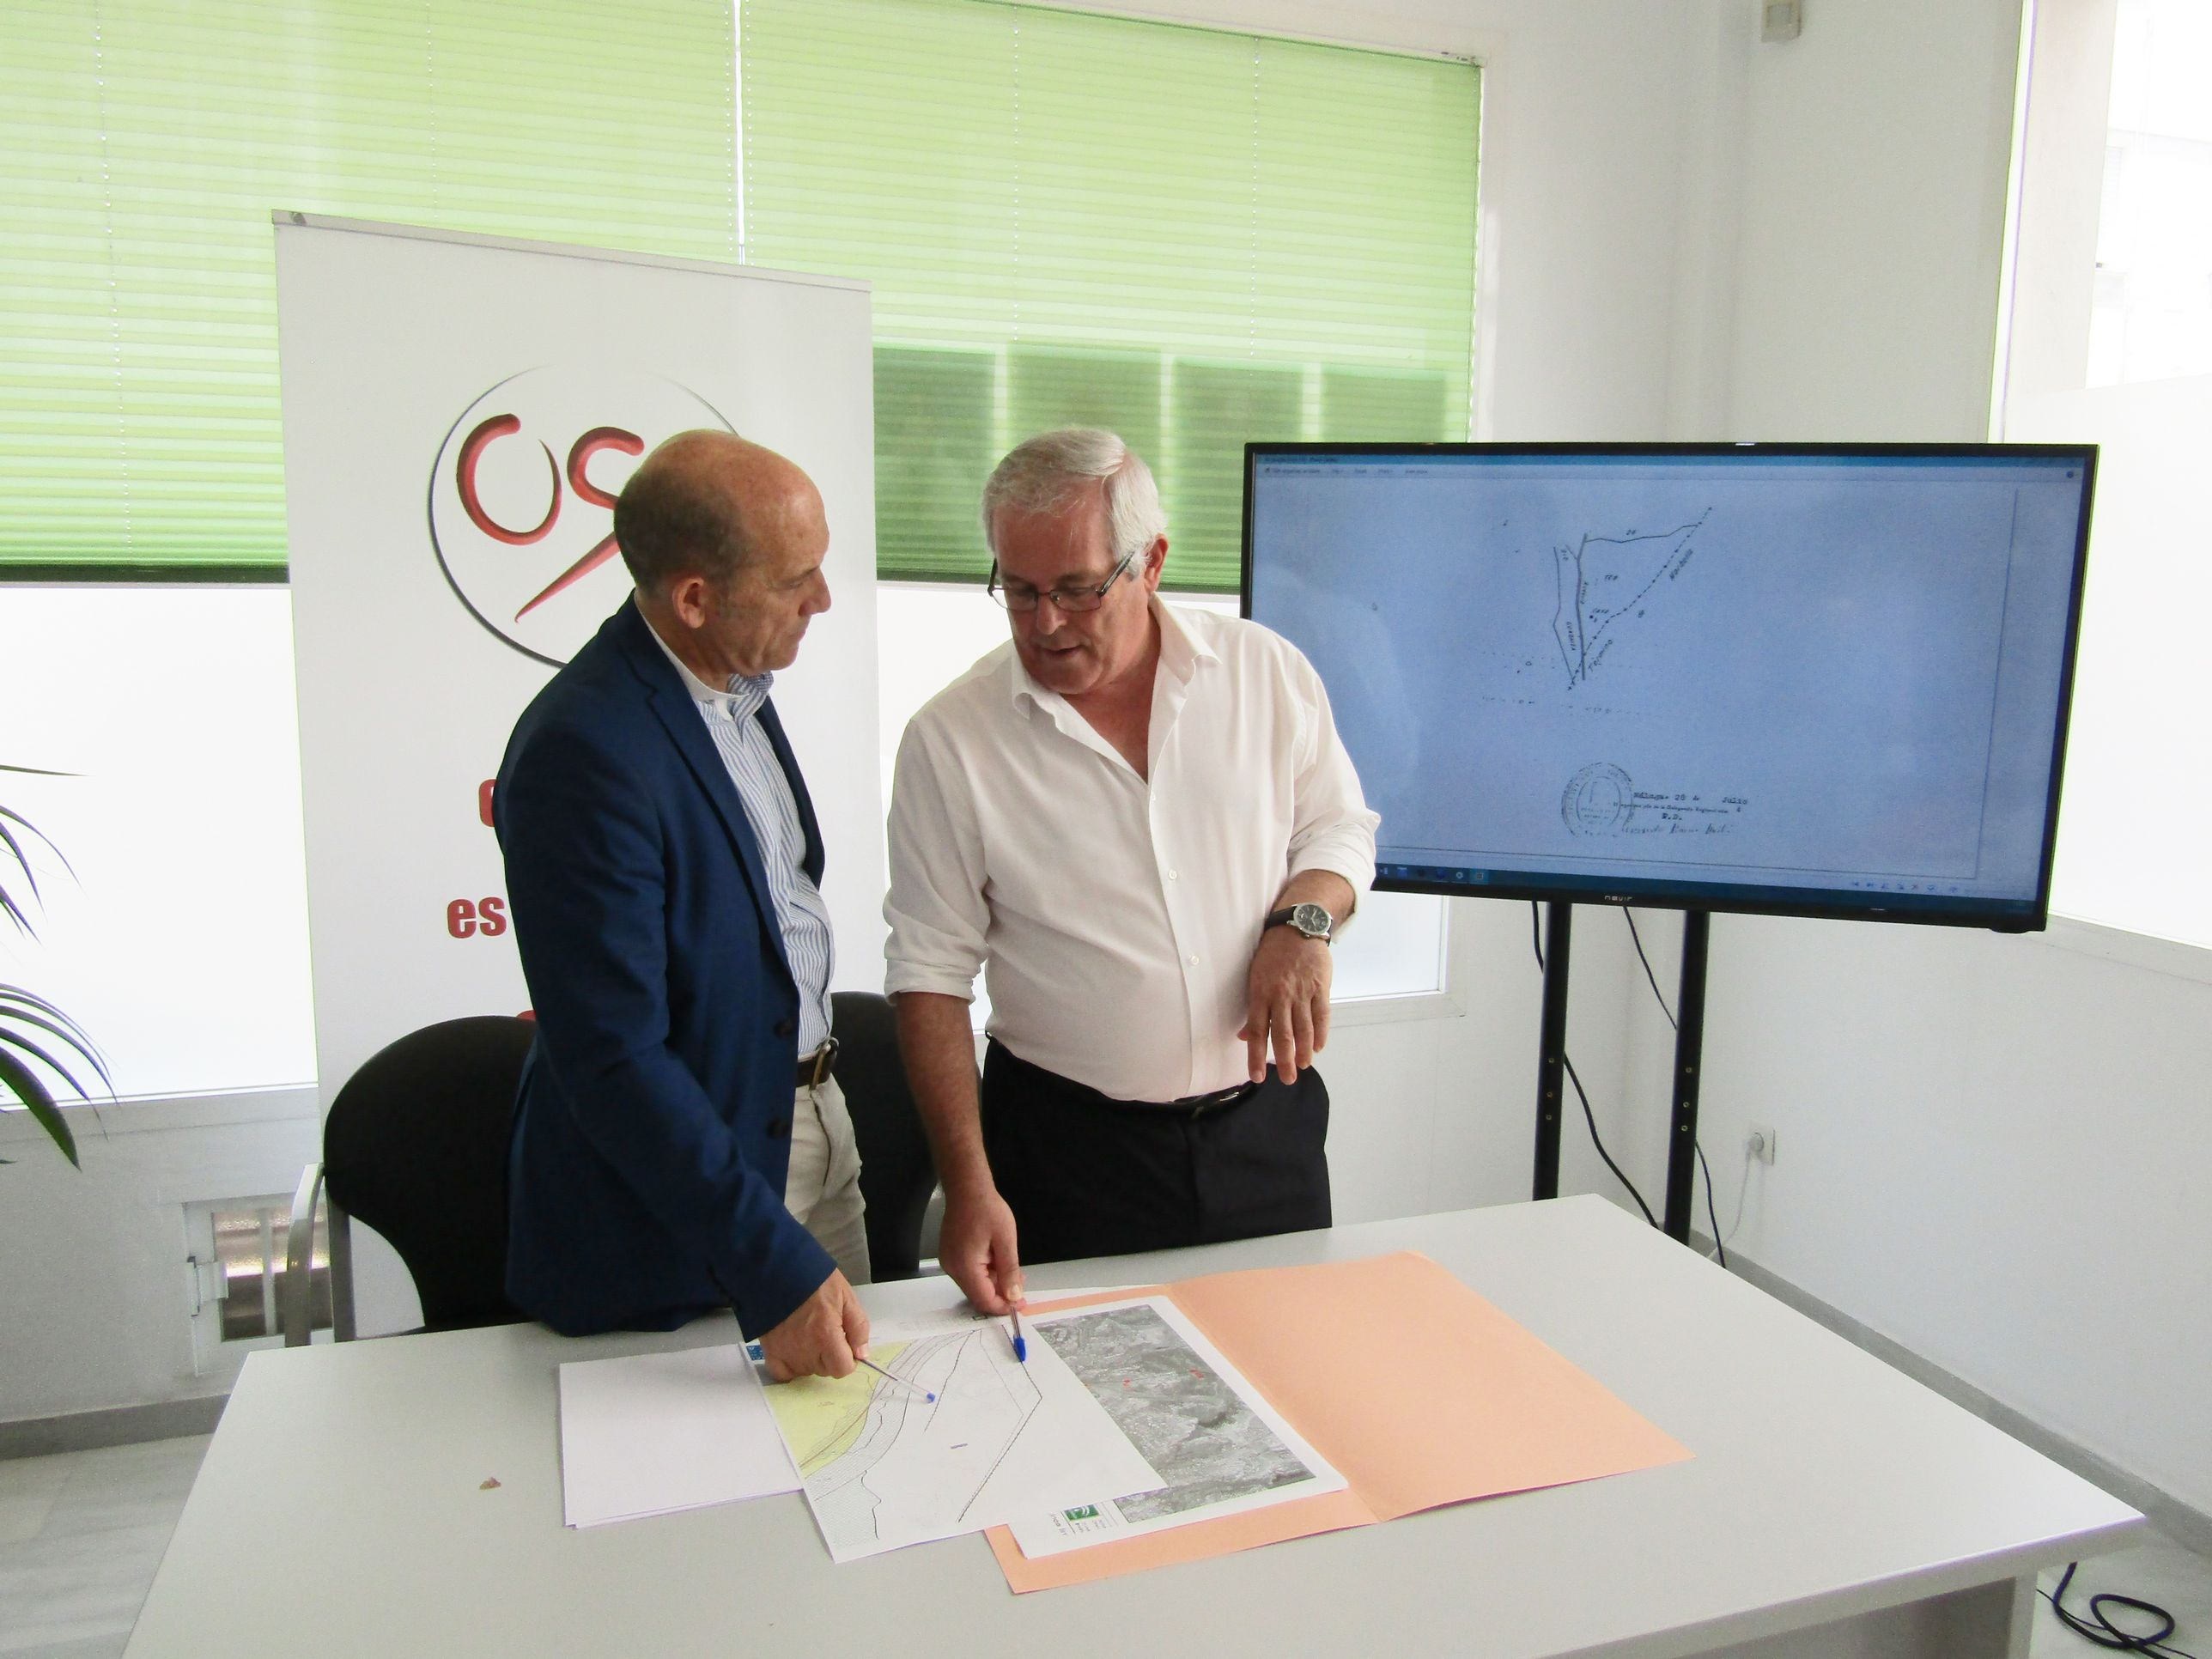 OSP solicitará en el próximo Pleno que todos los documentos oficiales del Ayuntamiento reflejen las lindes legales entre Marbella y Benahavís